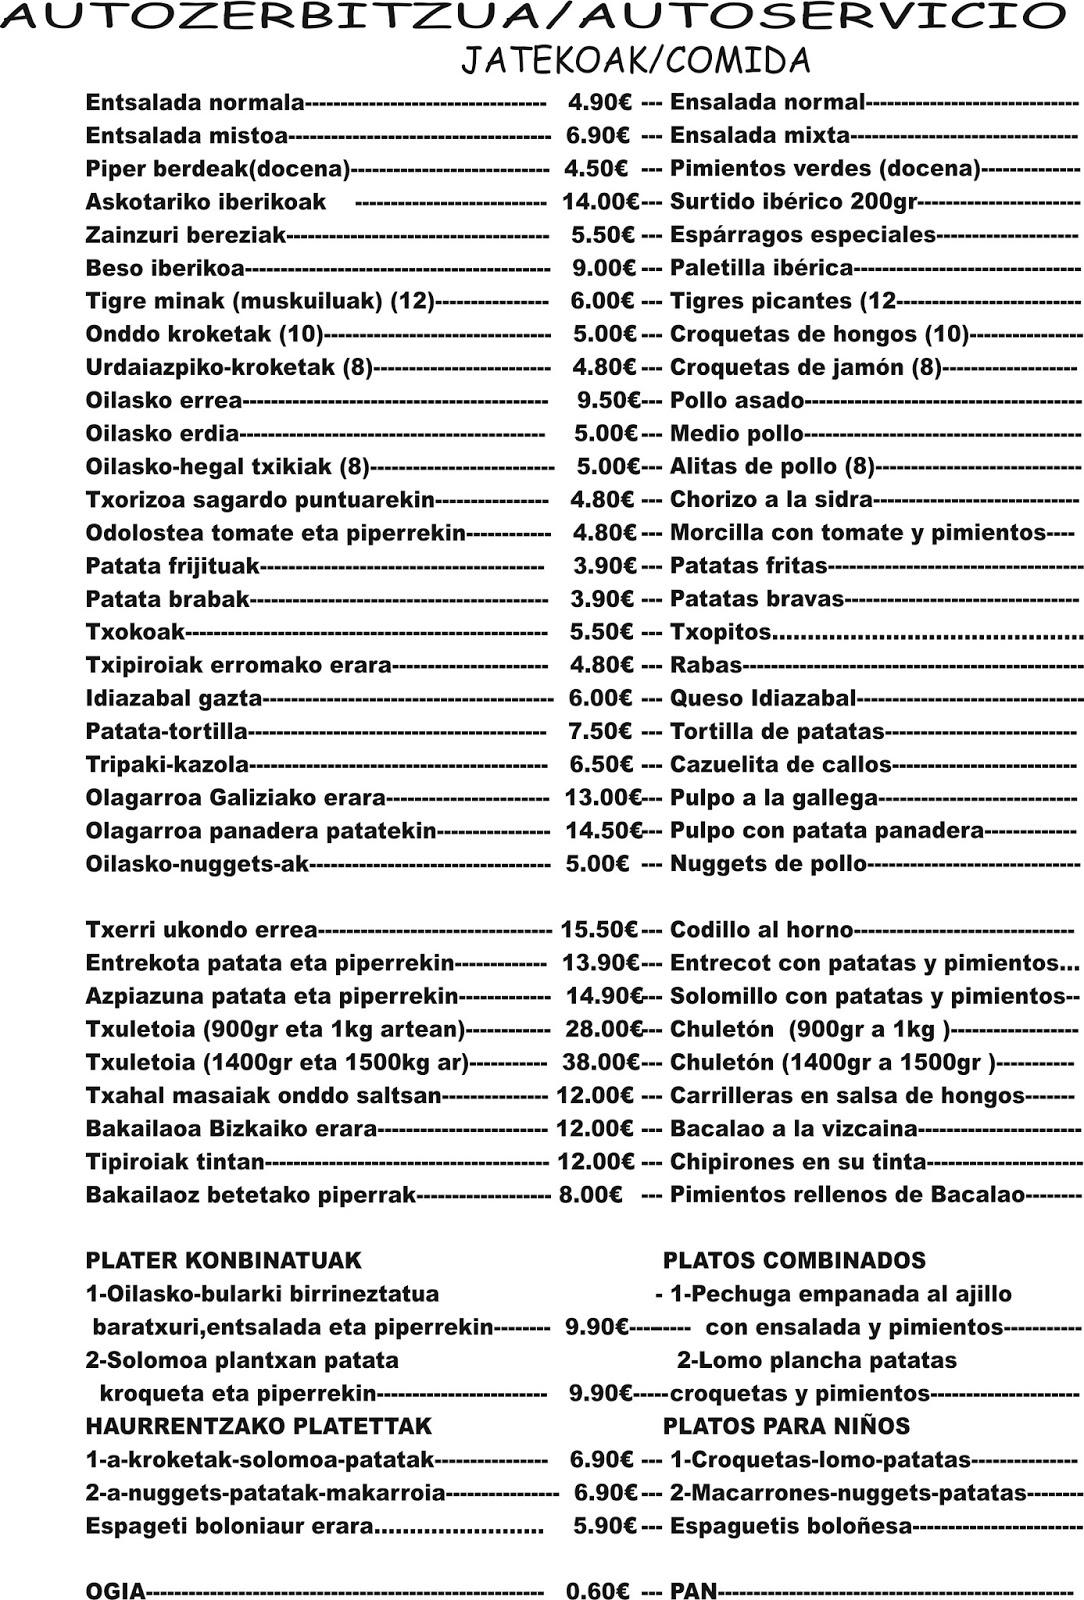 Mendikosolo taberna plater zerrenda eta prezioak lista for Platos precios